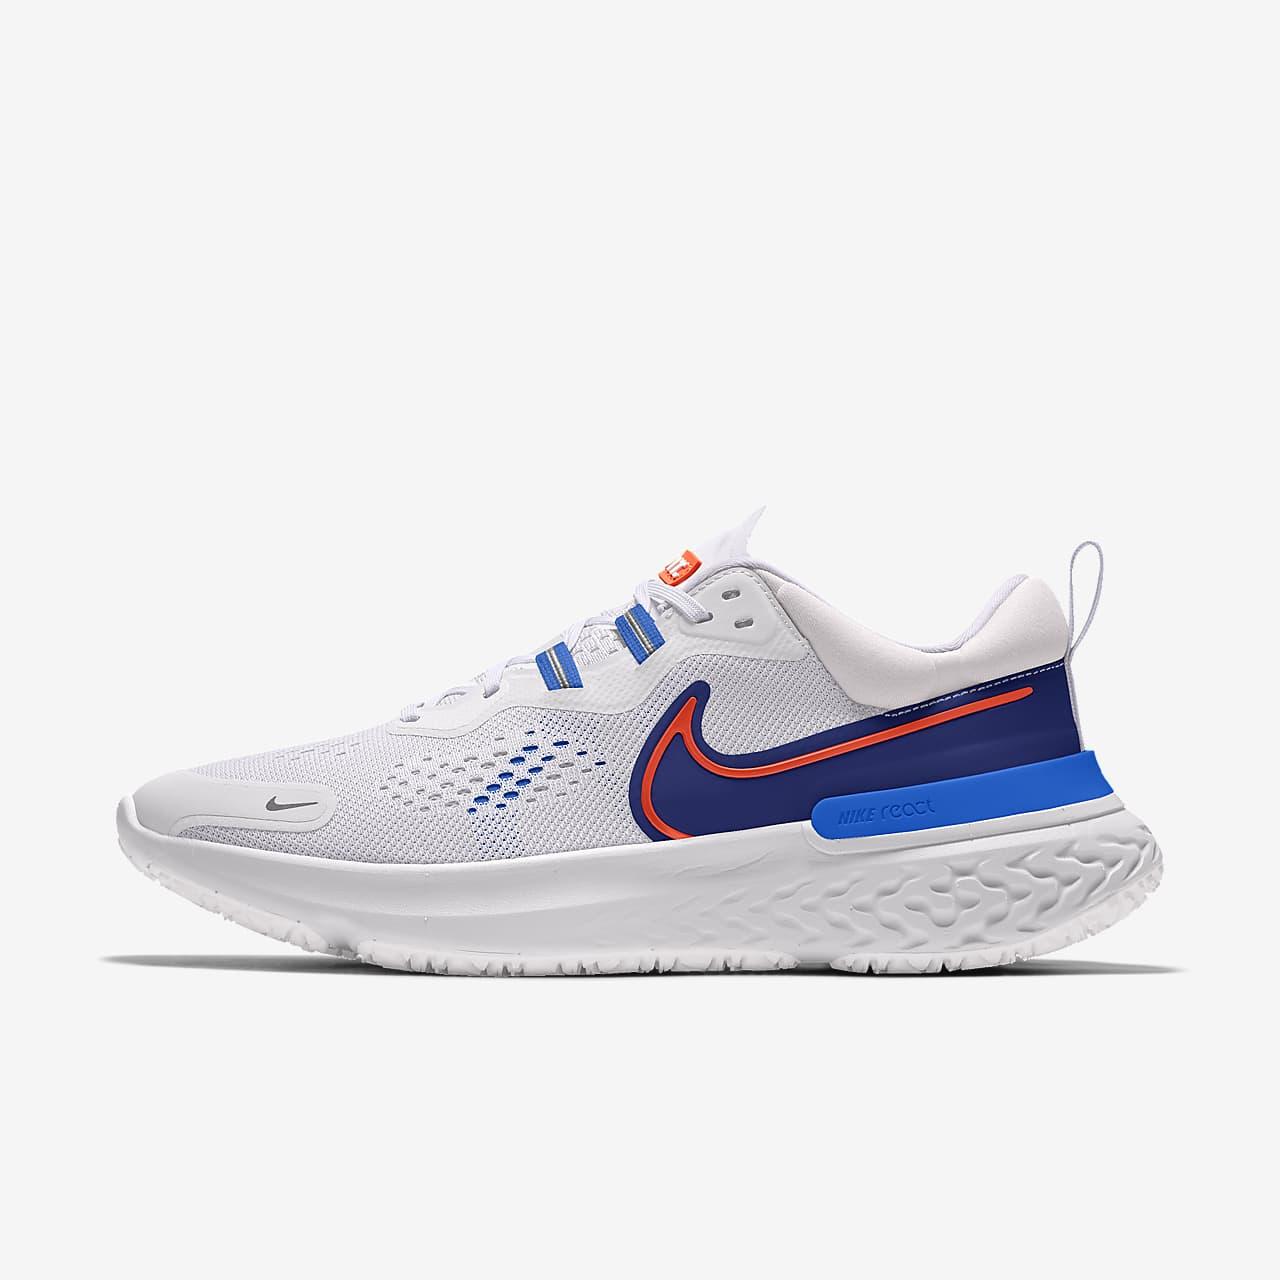 รองเท้าวิ่งผู้หญิงออกแบบเอง Nike React Miler 2 By You